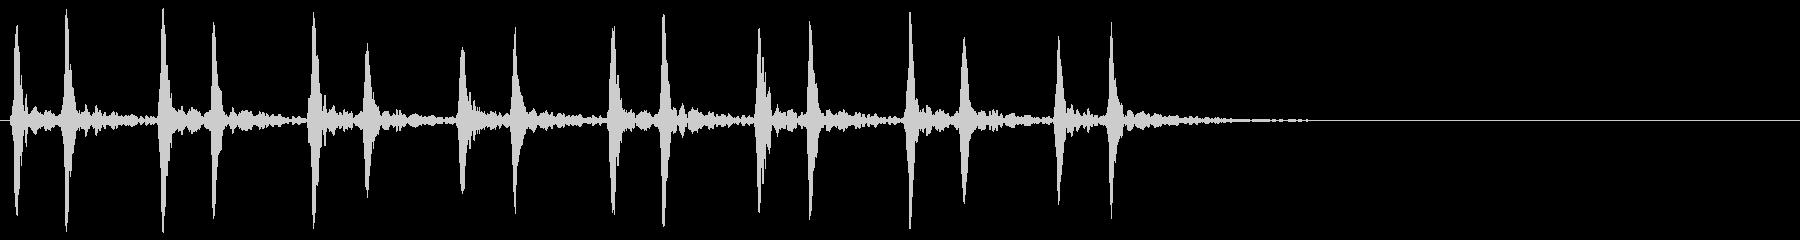 心臓 鼓動 ドクン 心音 残響 速さ75の未再生の波形